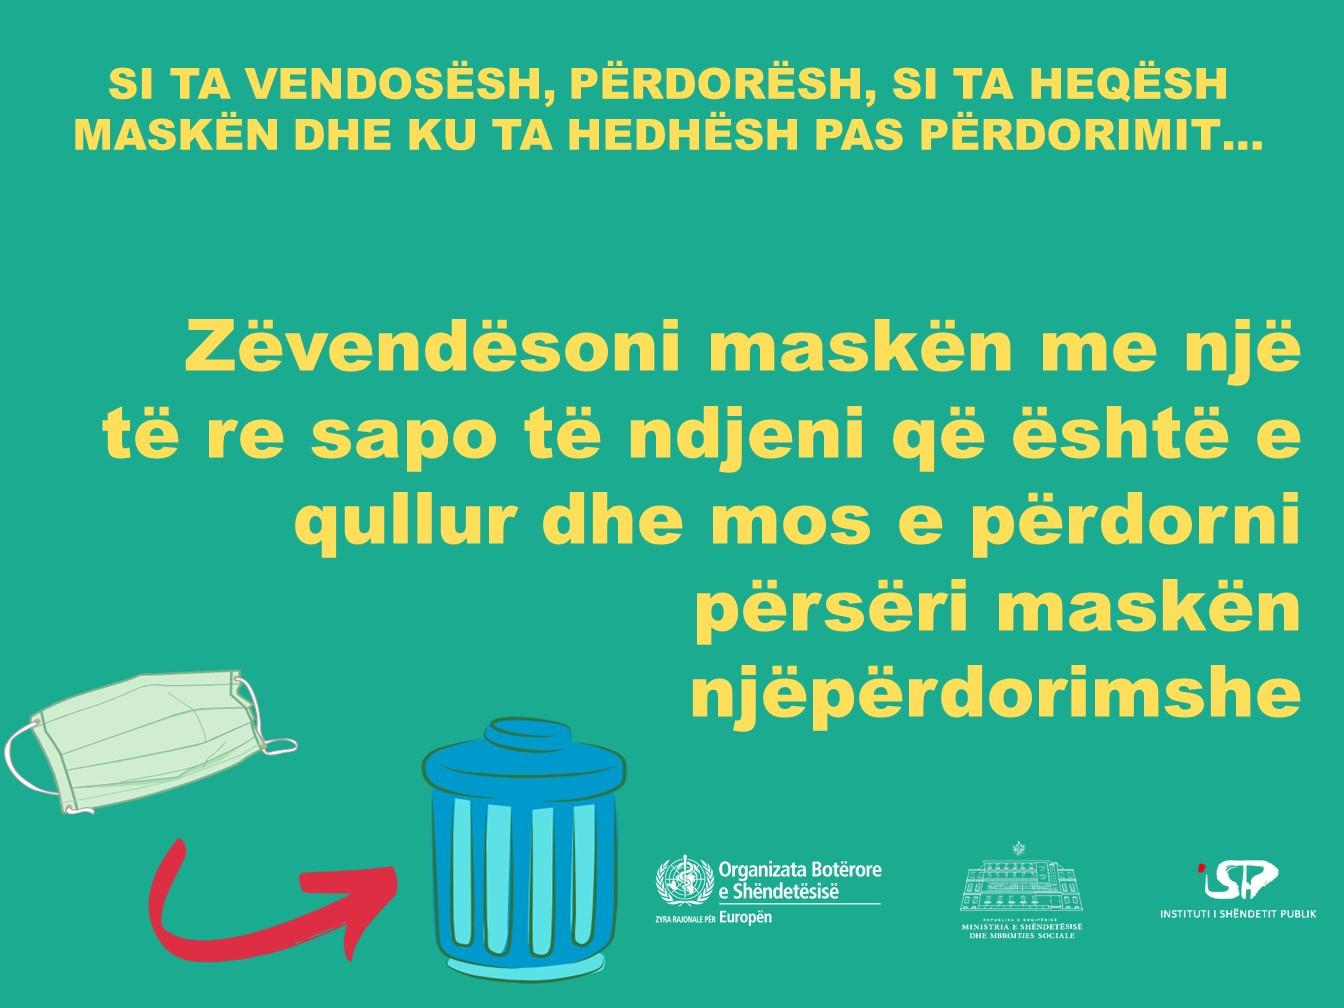 si-ta-vendosim-masken-poster-4